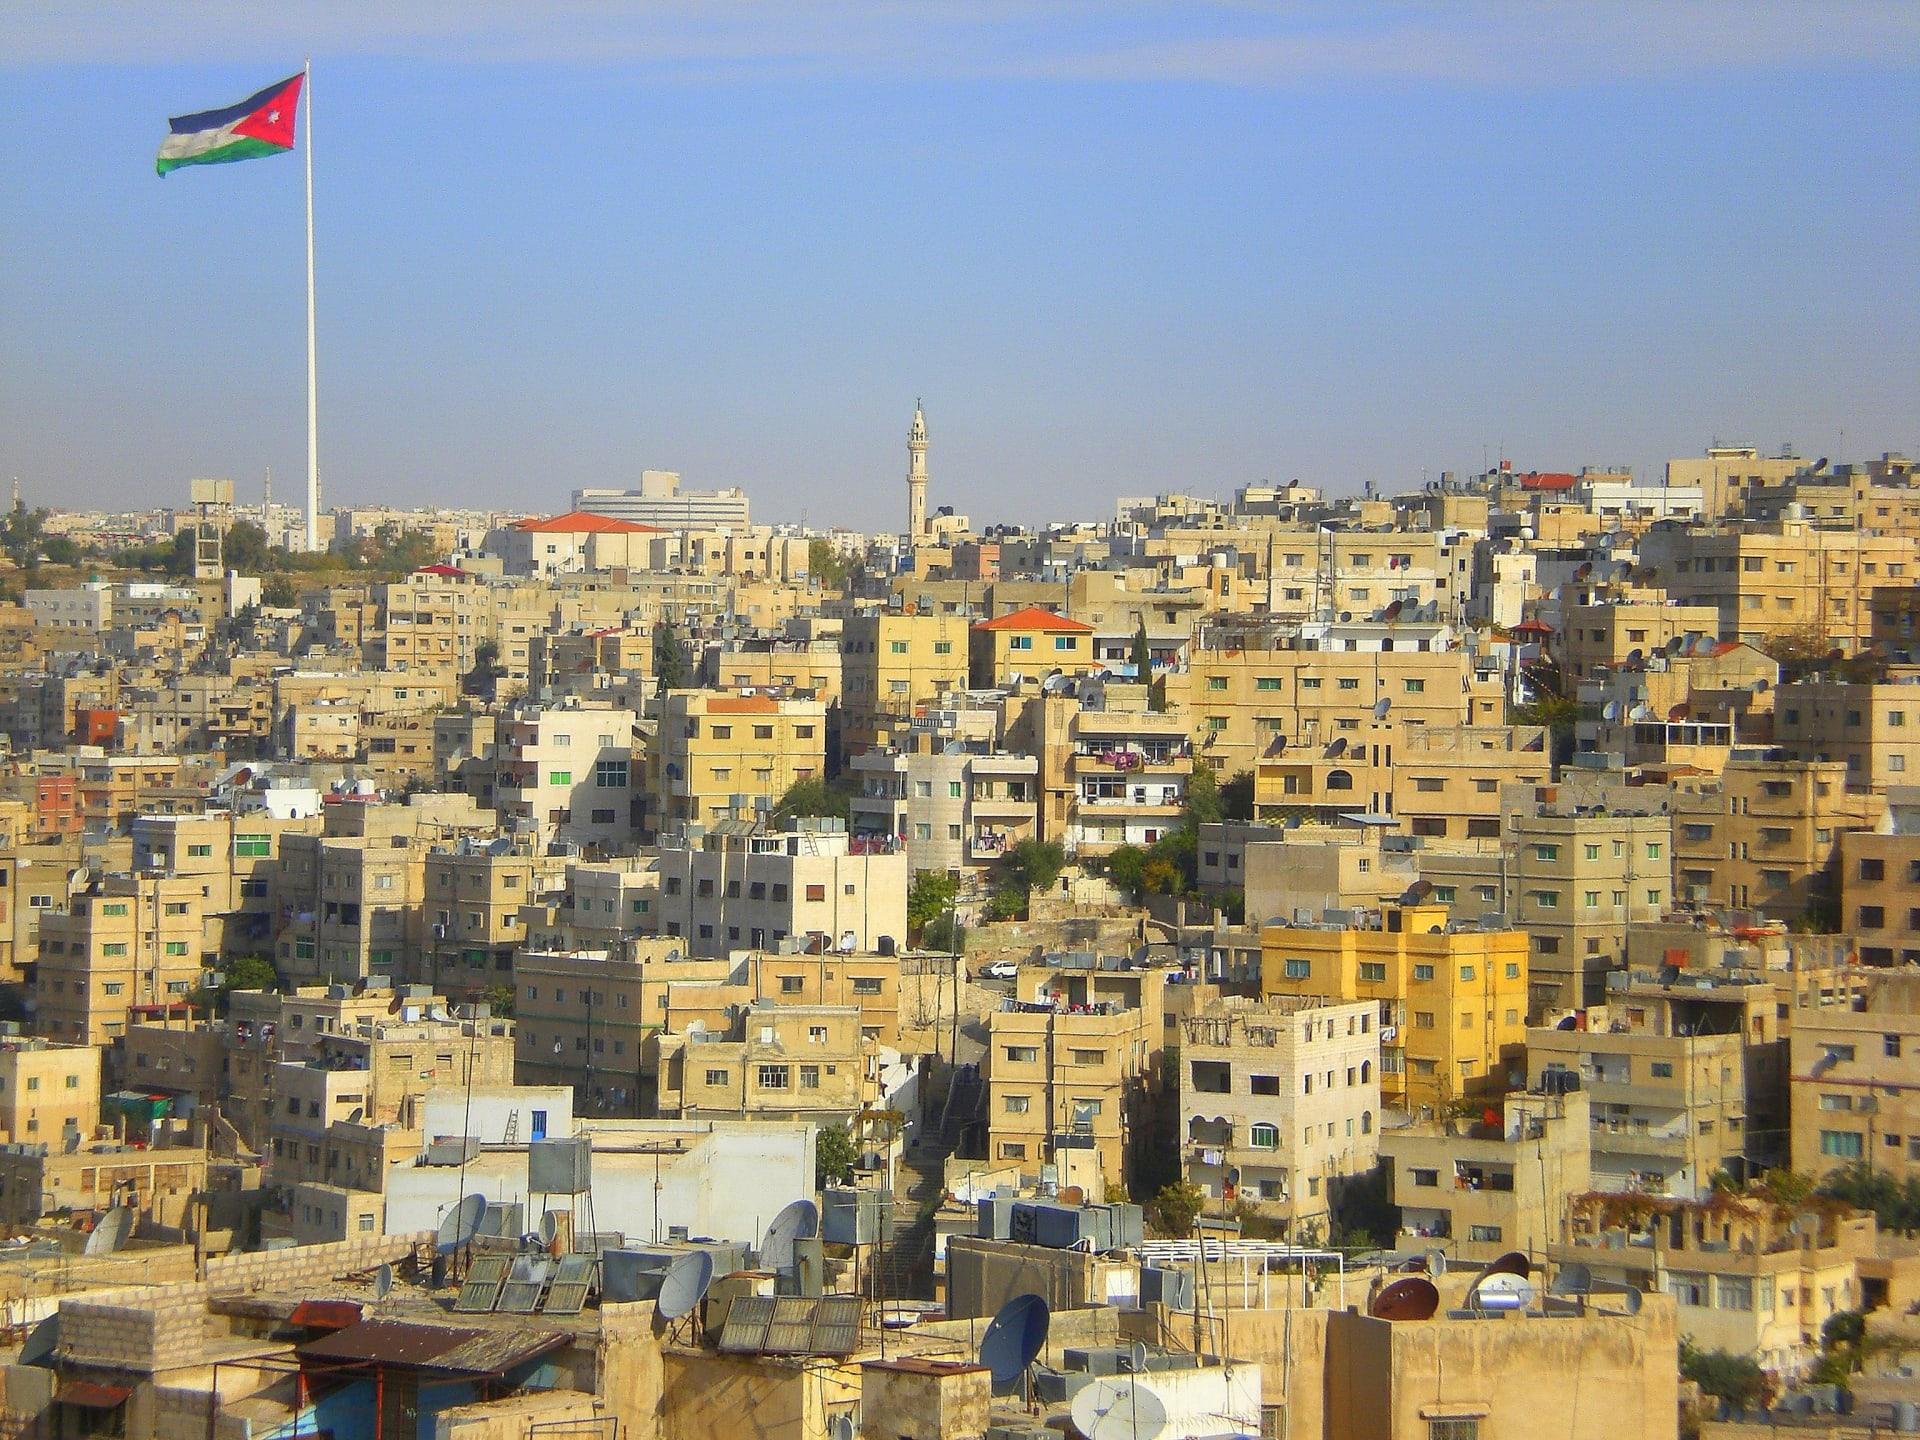 ما هي المدينة العربية التي حازت على لقب الوجهة الأكثر ترحيبا لعام 2021؟